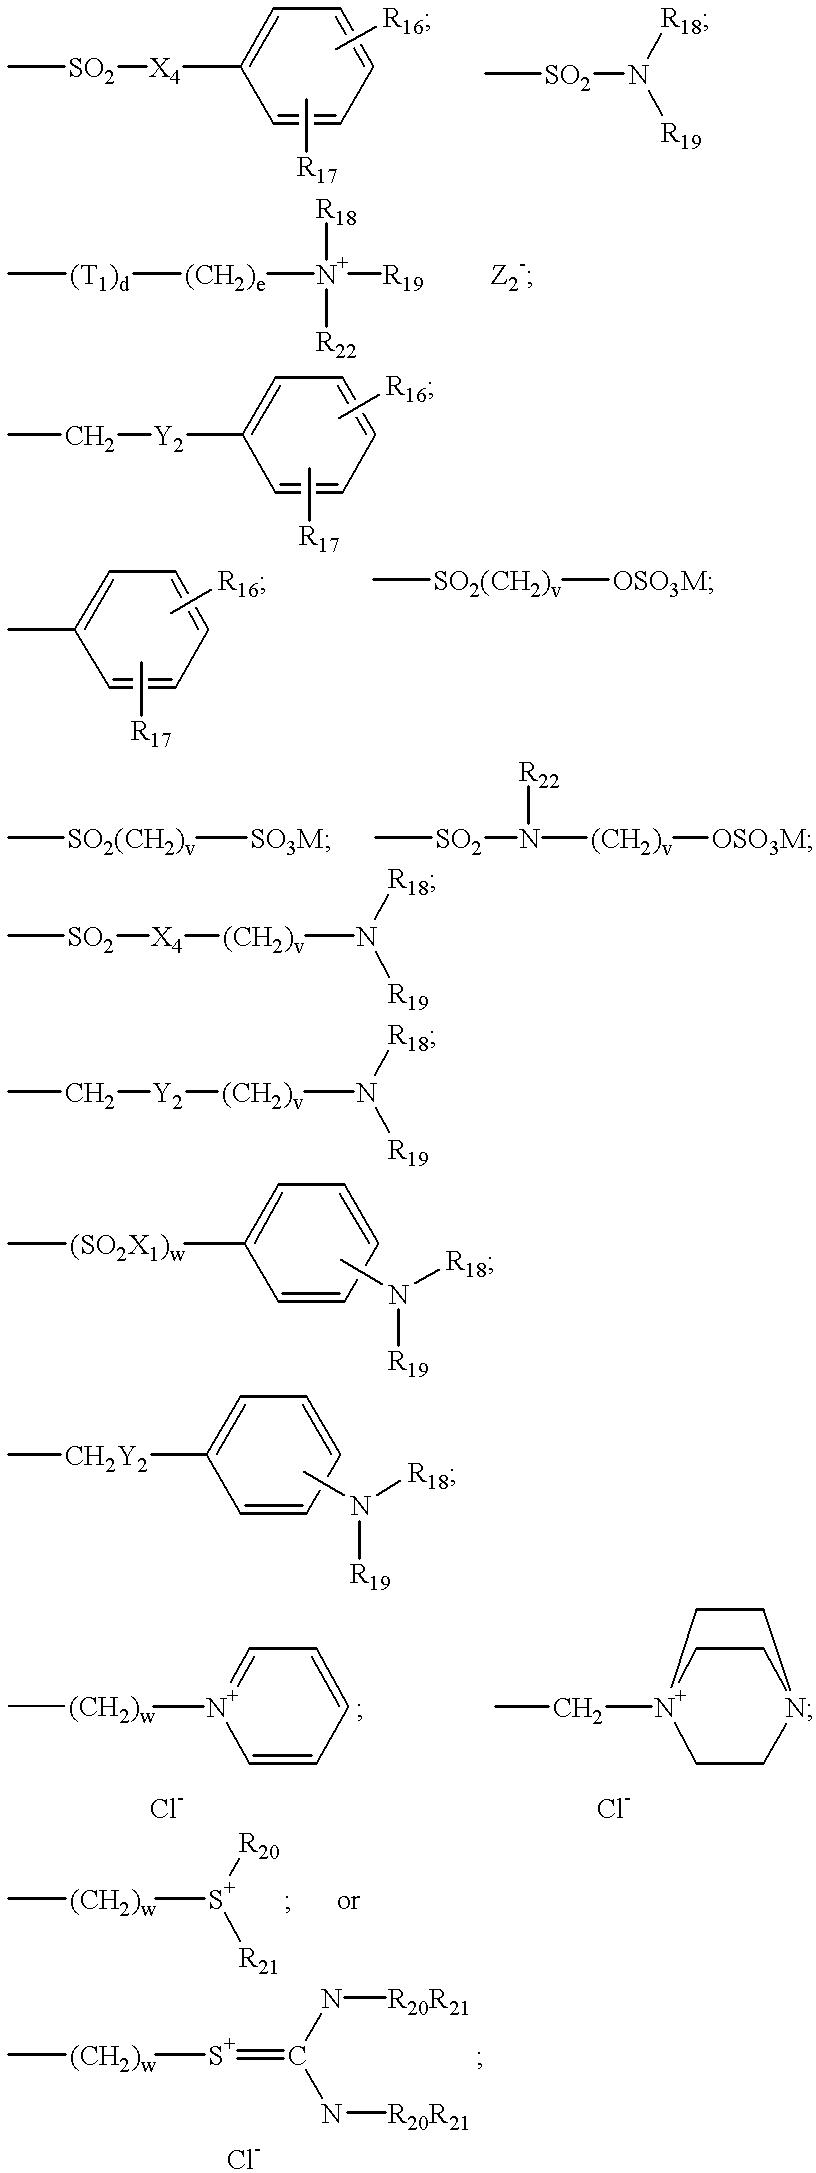 Figure US06291412-20010918-C00020